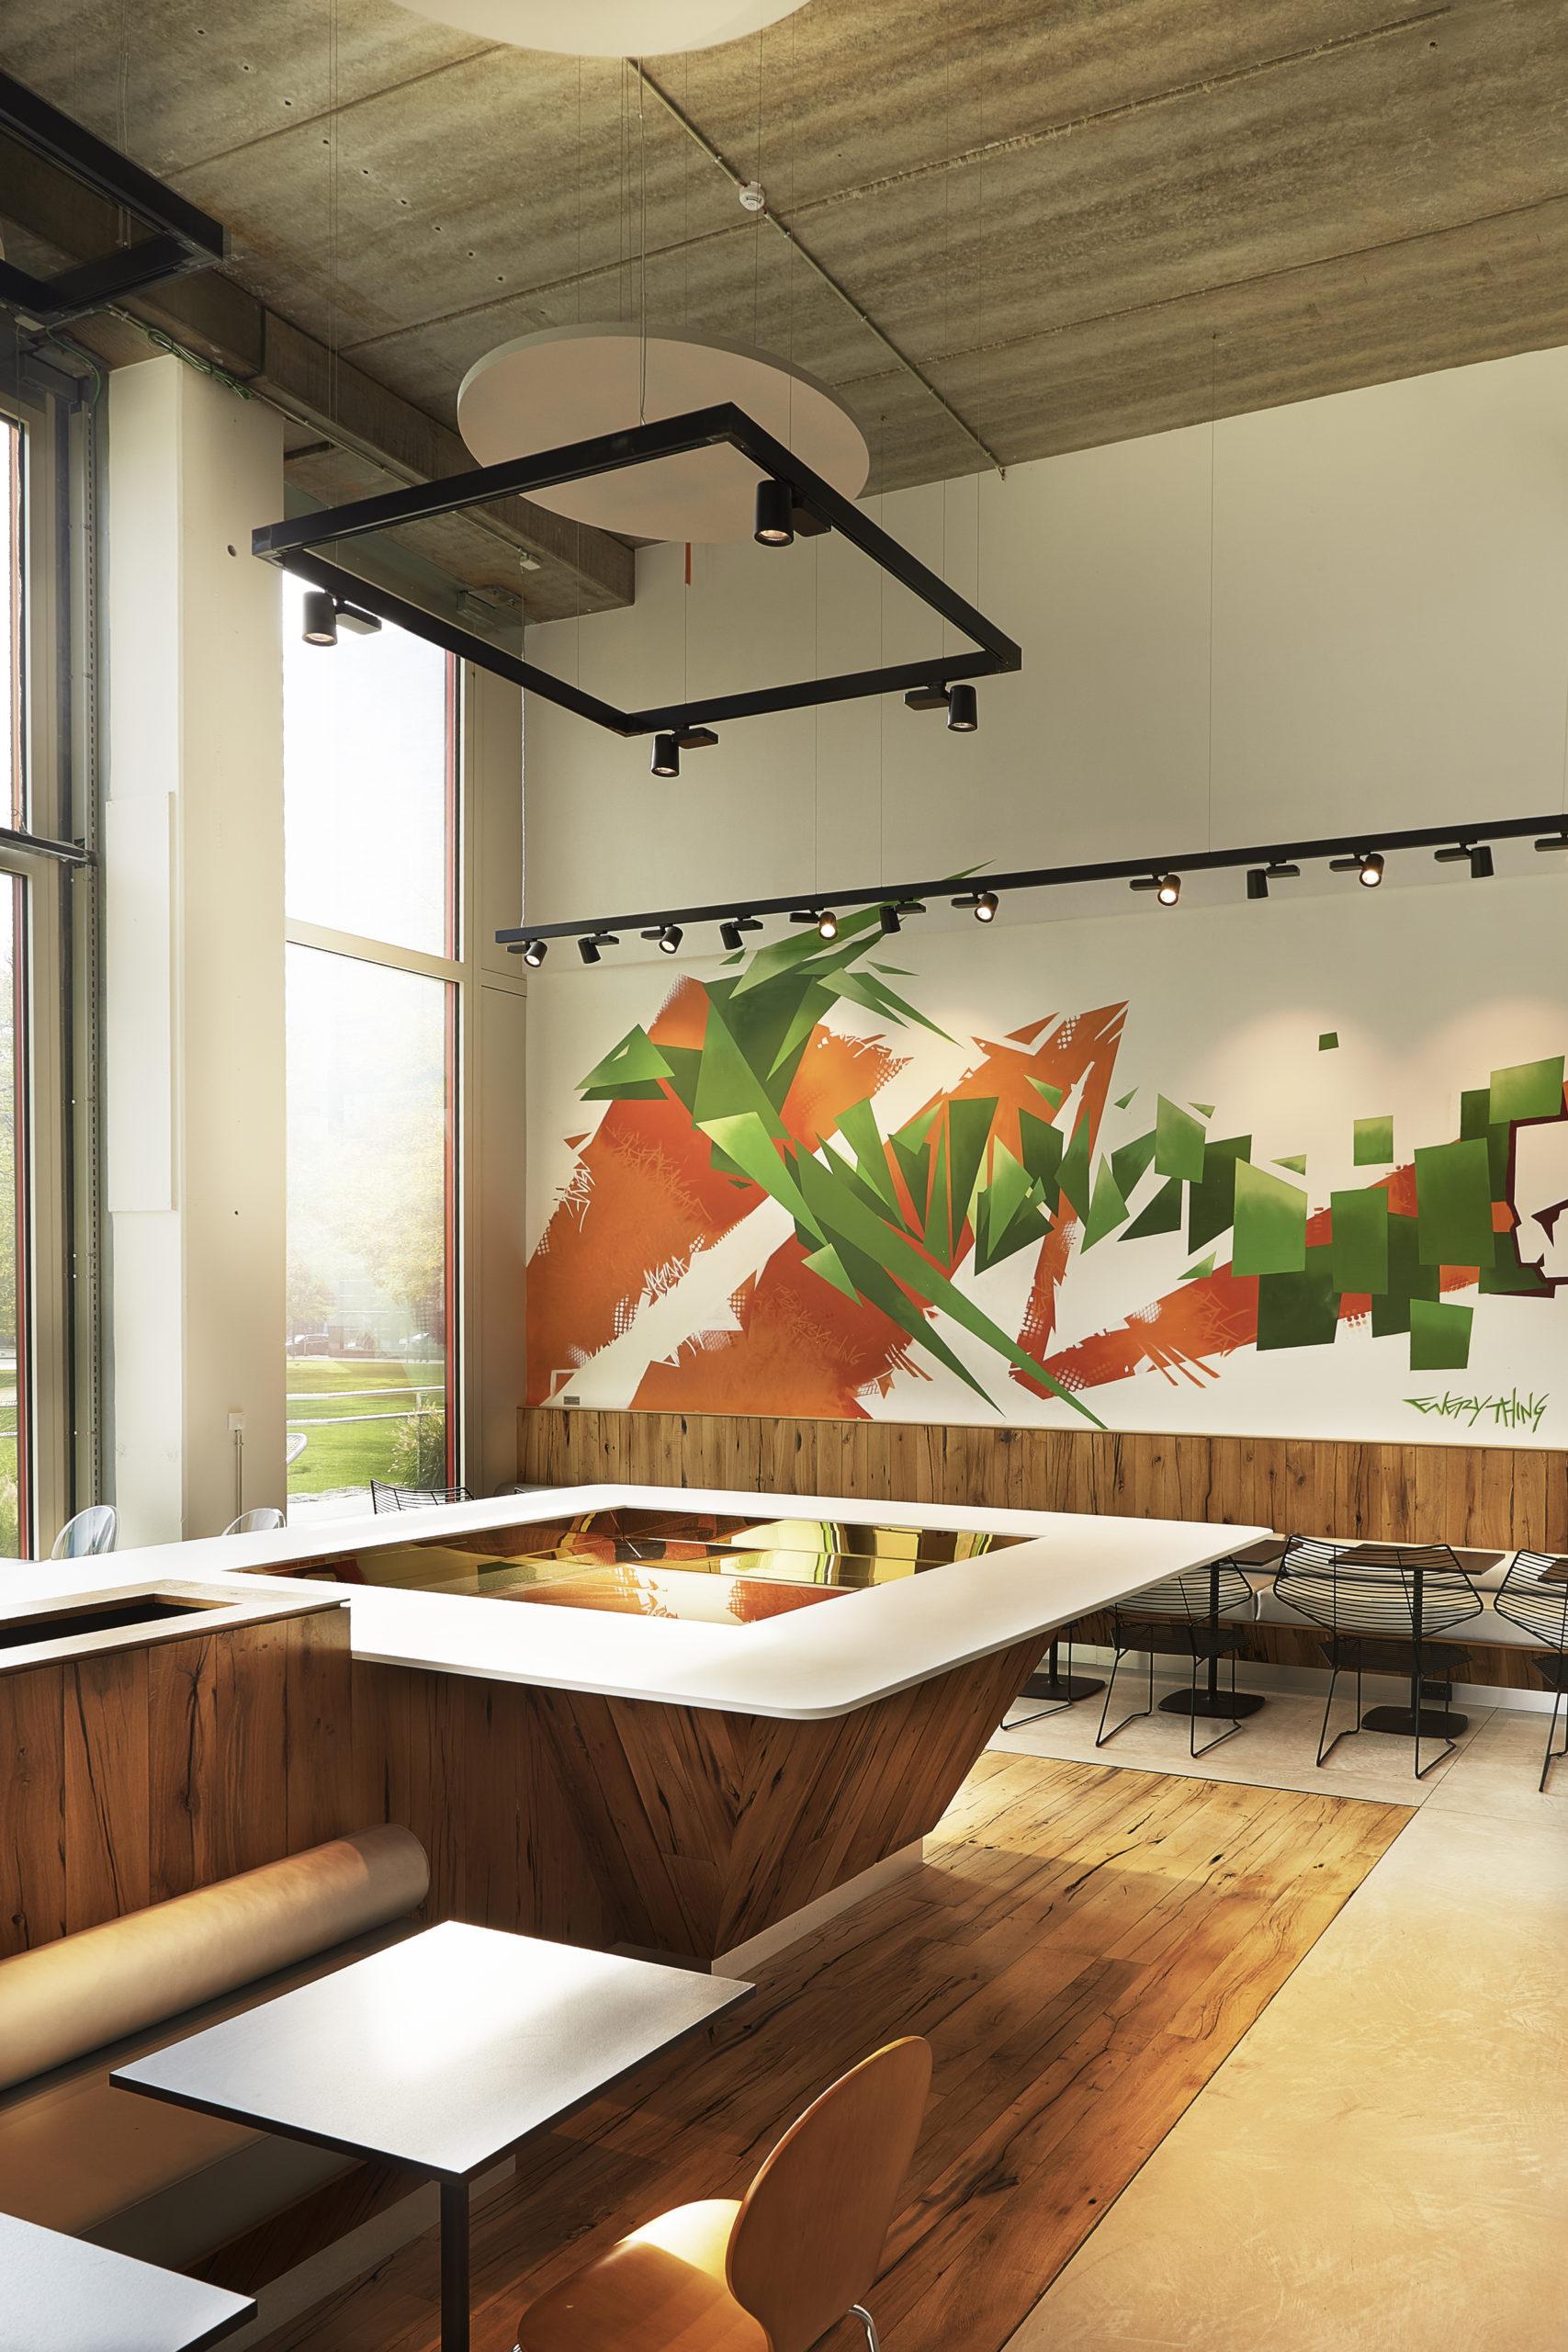 Restaurant inspired by graffitis